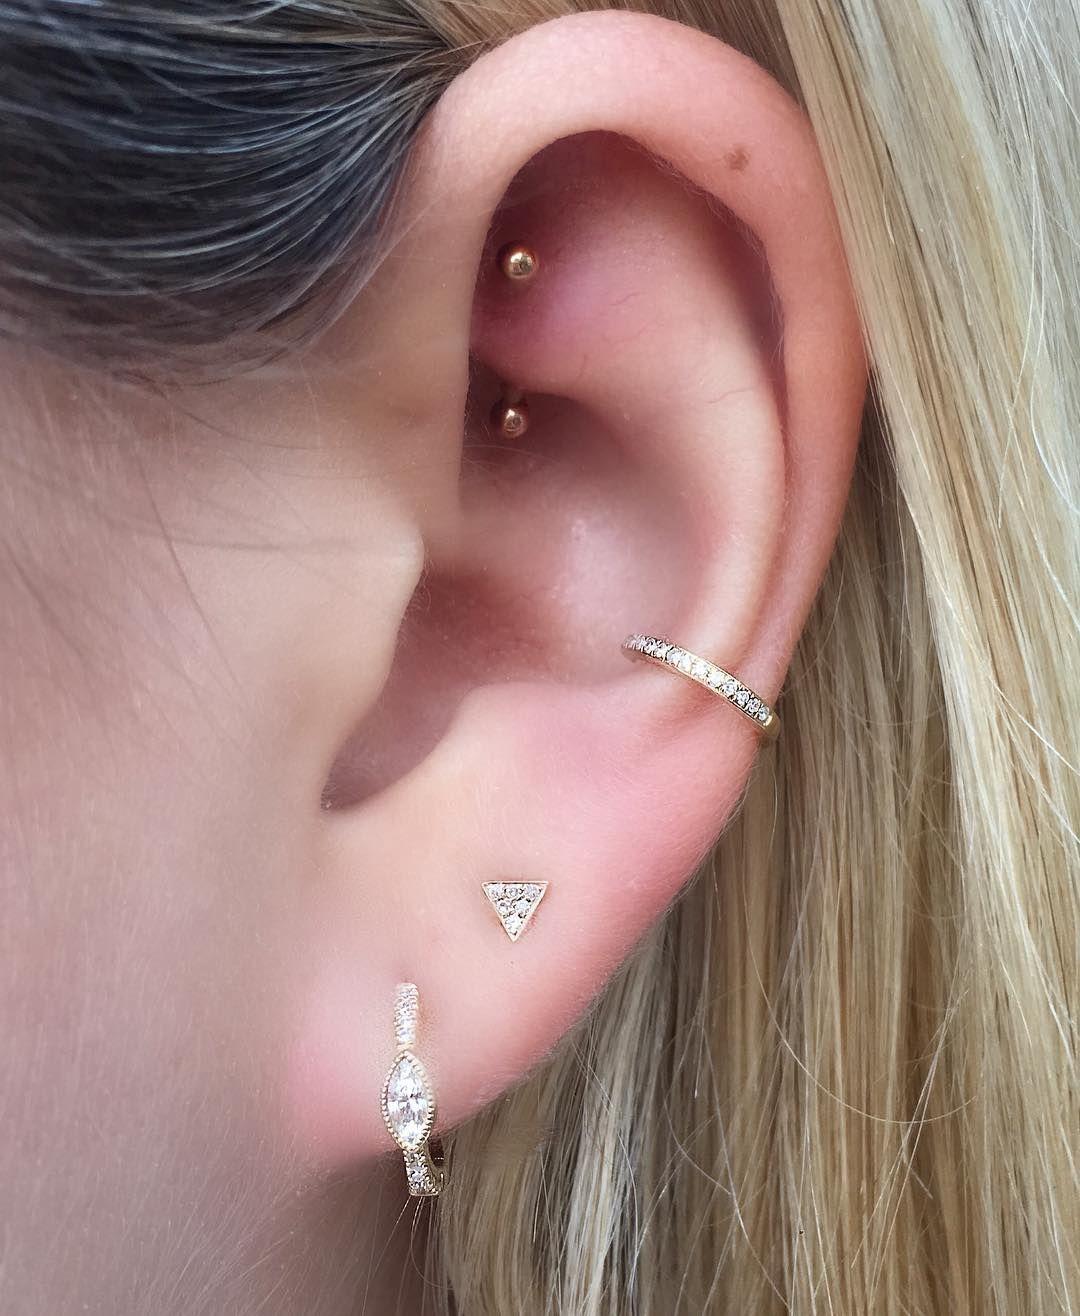 Instagram Piercings Cute Ear Piercings Earings Piercings